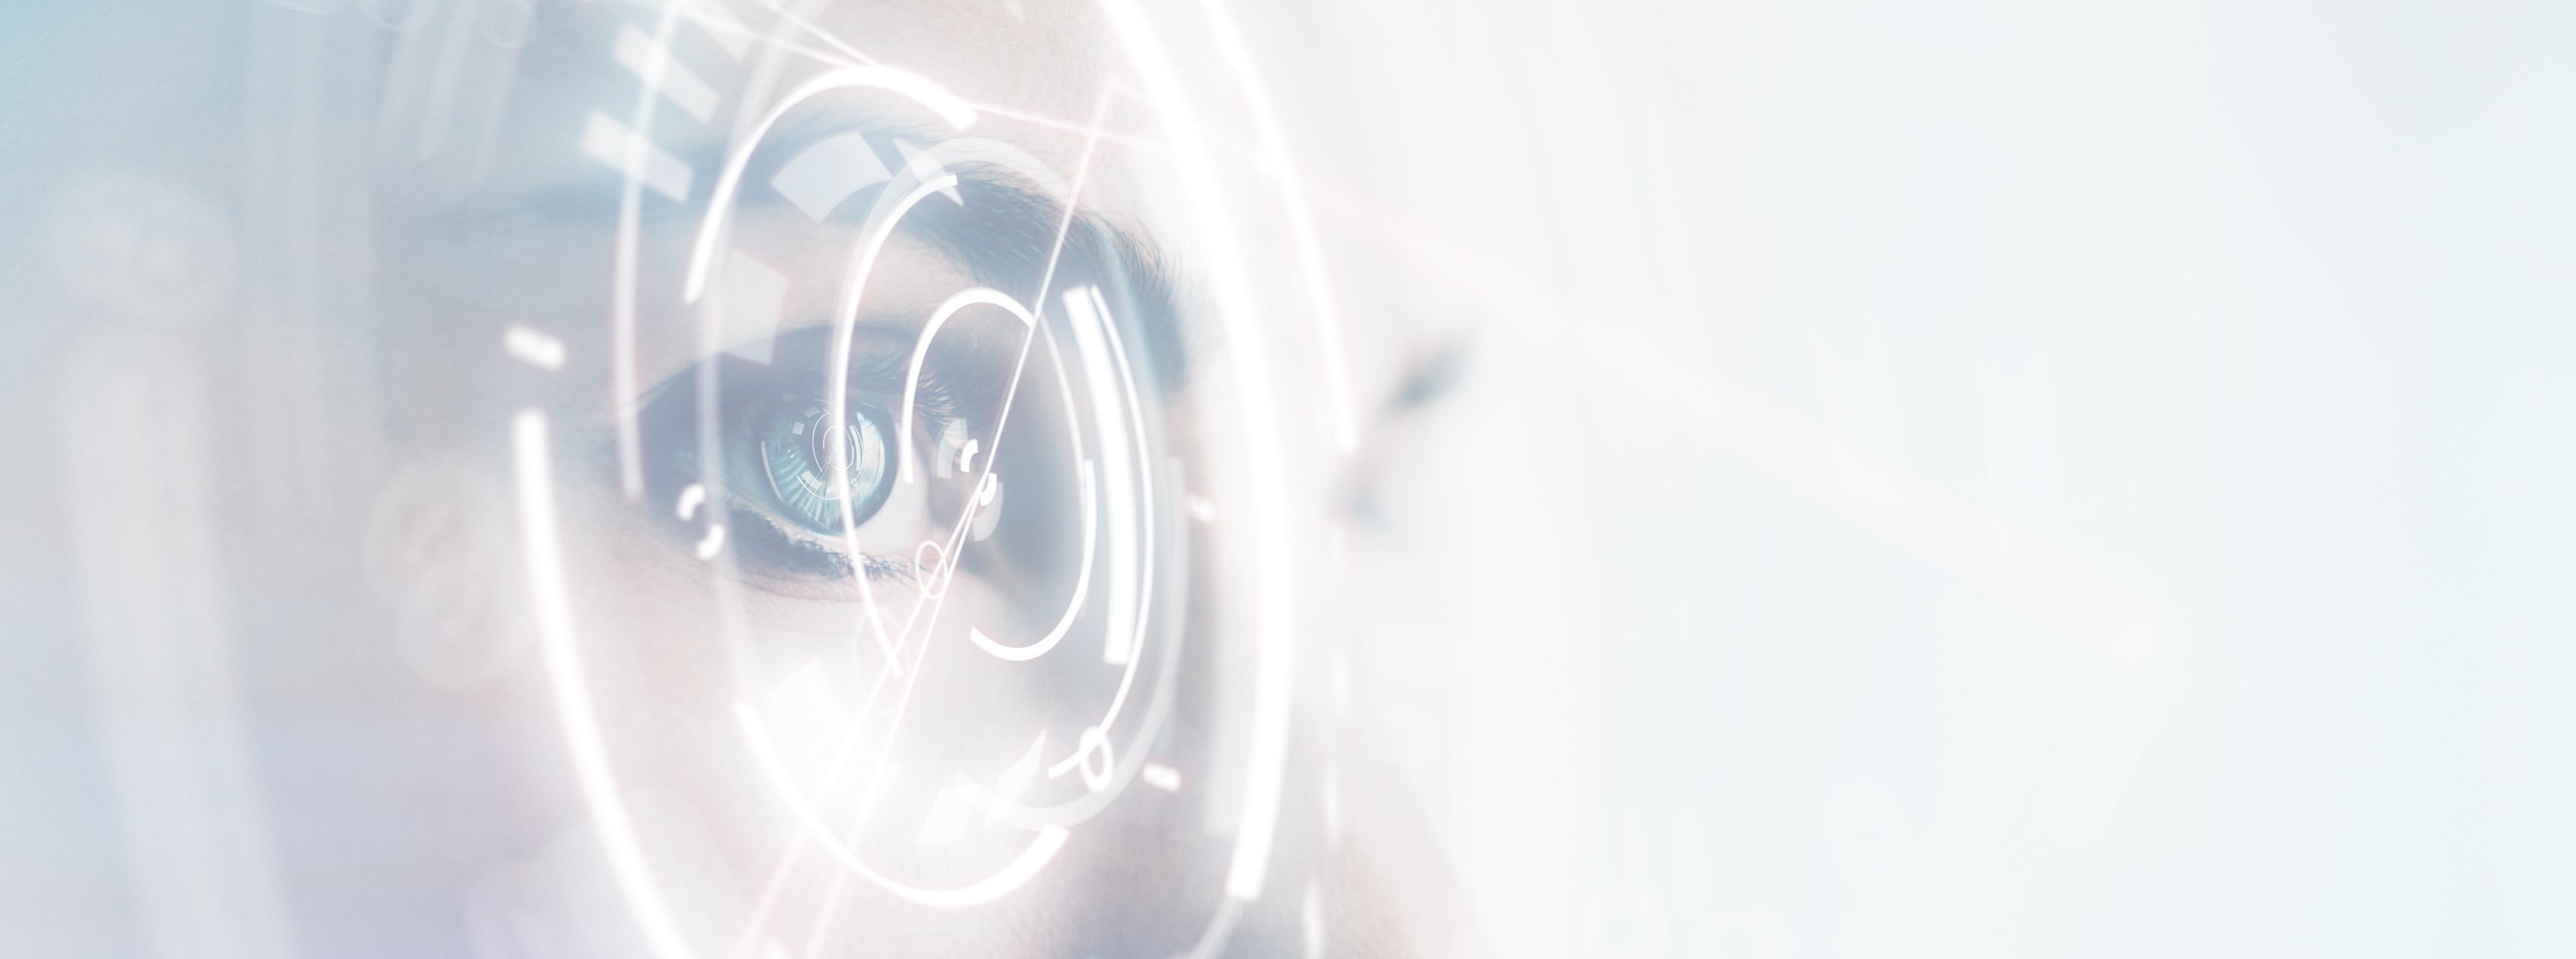 látásellenőrző négyzetek lézeres látáskorrekciós folyamat